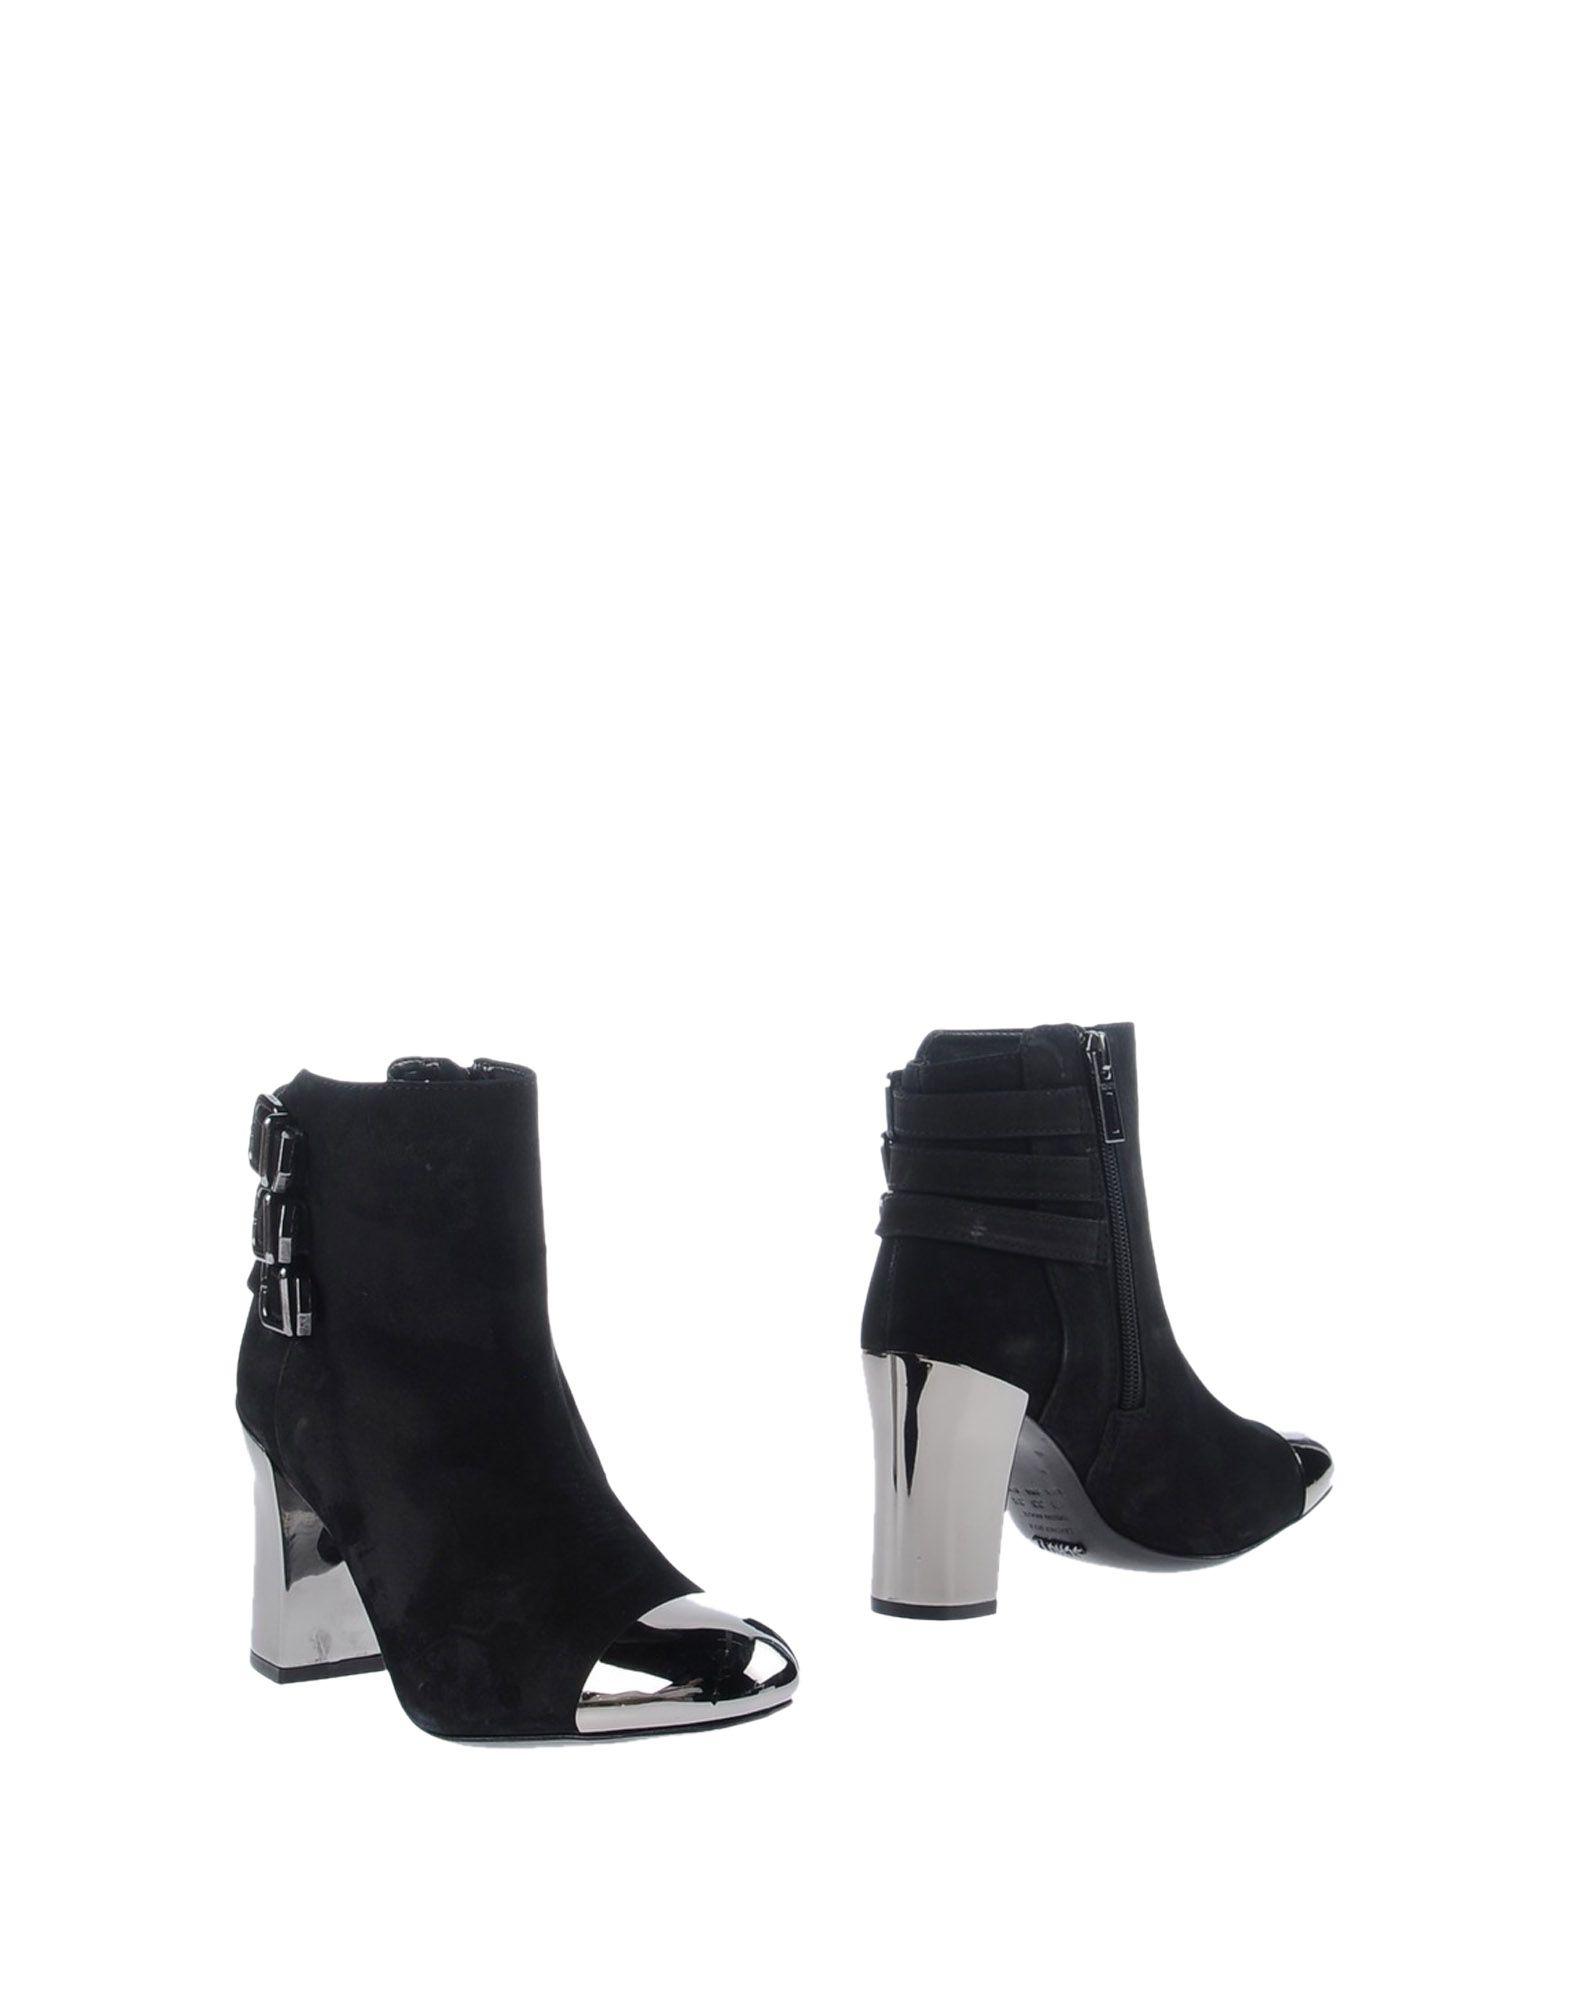 Stilvolle billige Stiefelette Schuhe Schutz Stiefelette billige Damen  44695971GD ecc44f